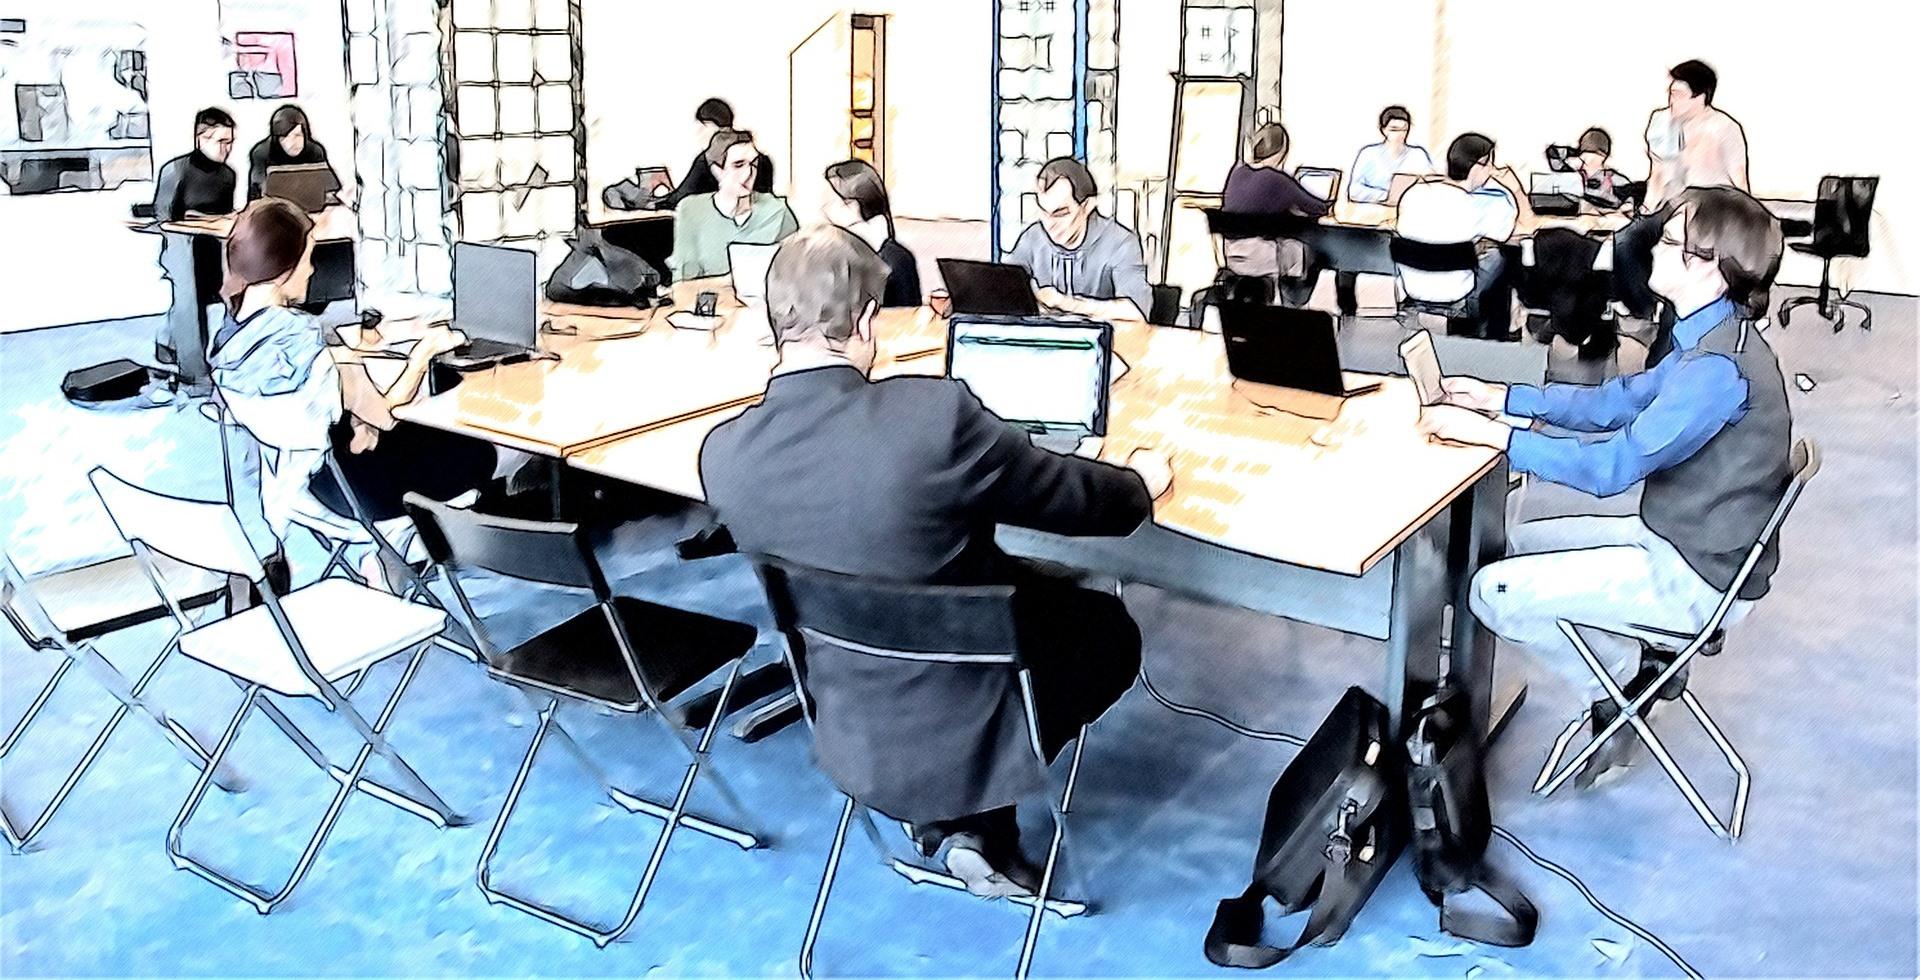 חדשנות בעולם התעסוקה העתידי בקיבוצים